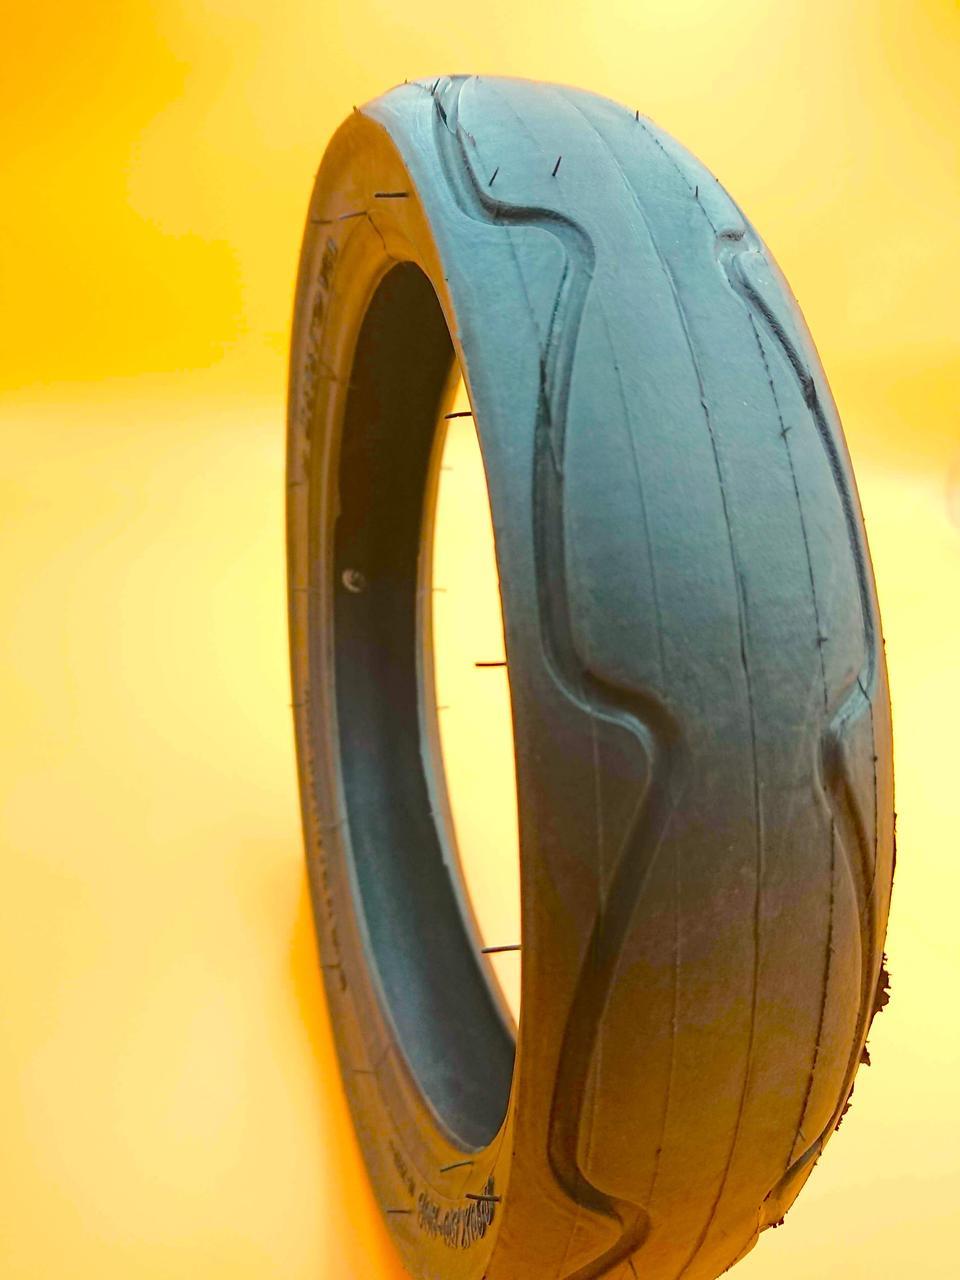 Покрышка 280х50-203 INNOVA отличного качества для детской коляски, детского велосипеда